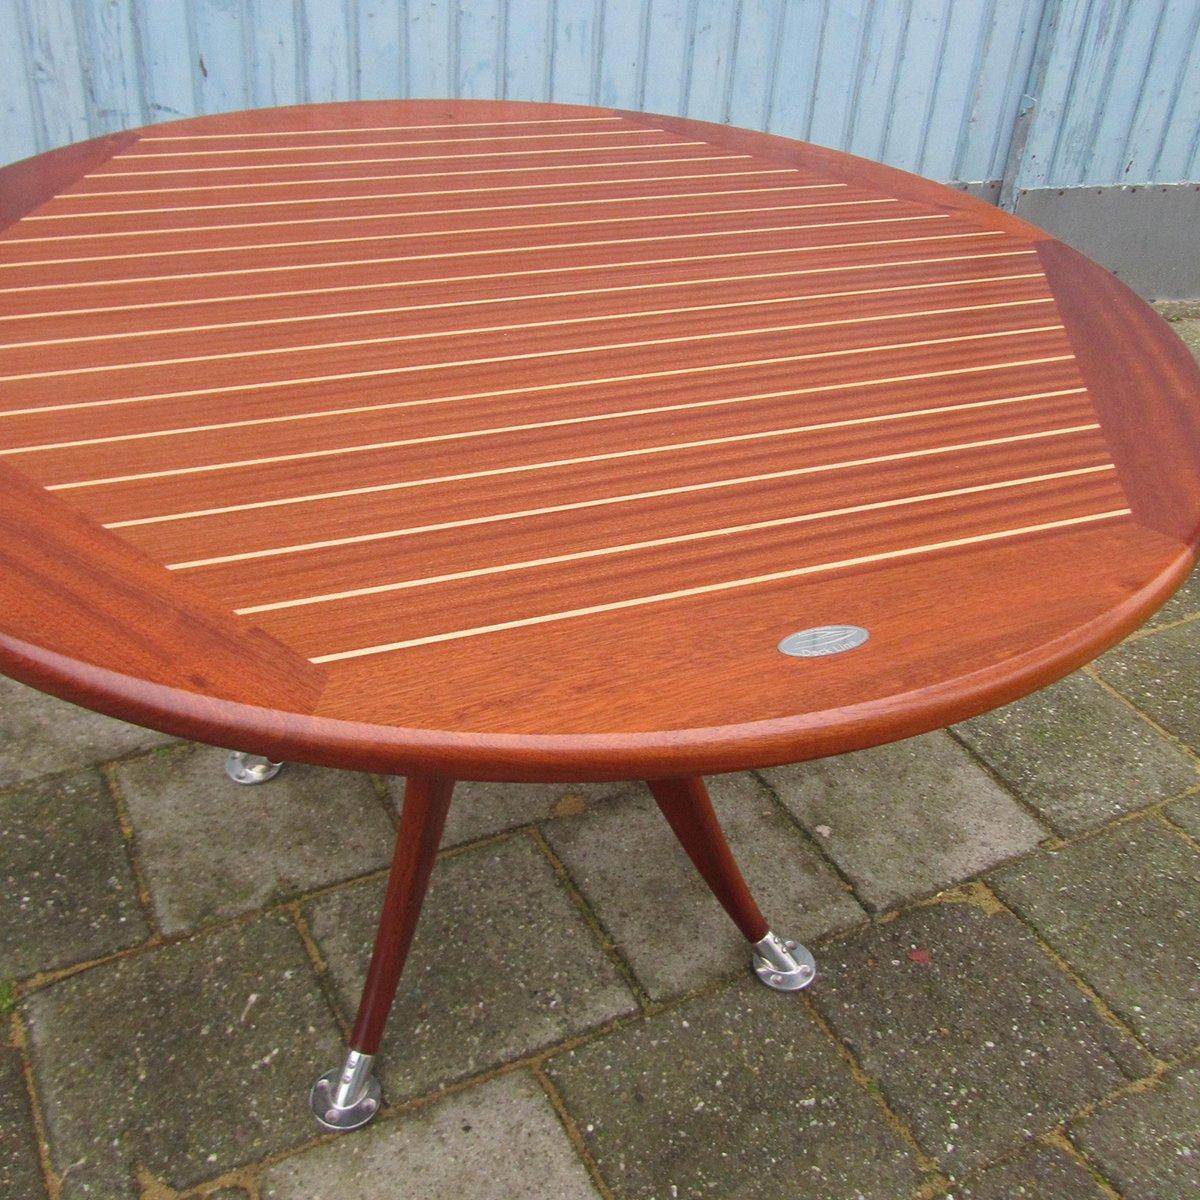 Tavolo da giardino rotondo allungabile vintage di deckline for Tavolo allungabile giardino